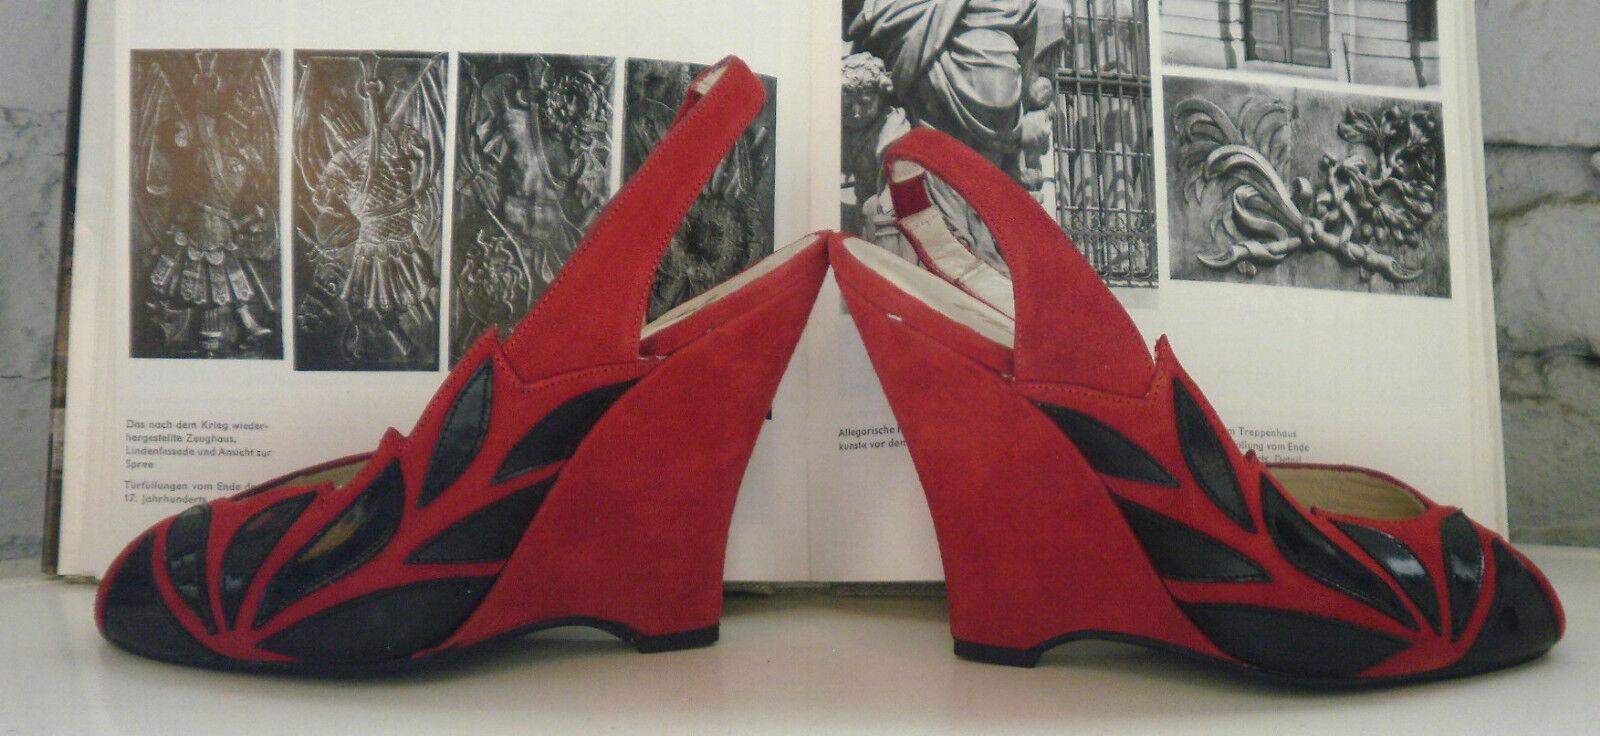 Maren´b Juan Shoe Damen Wedges made spain TRUE VINTAGE Pumps Schuhe Keilschuhe